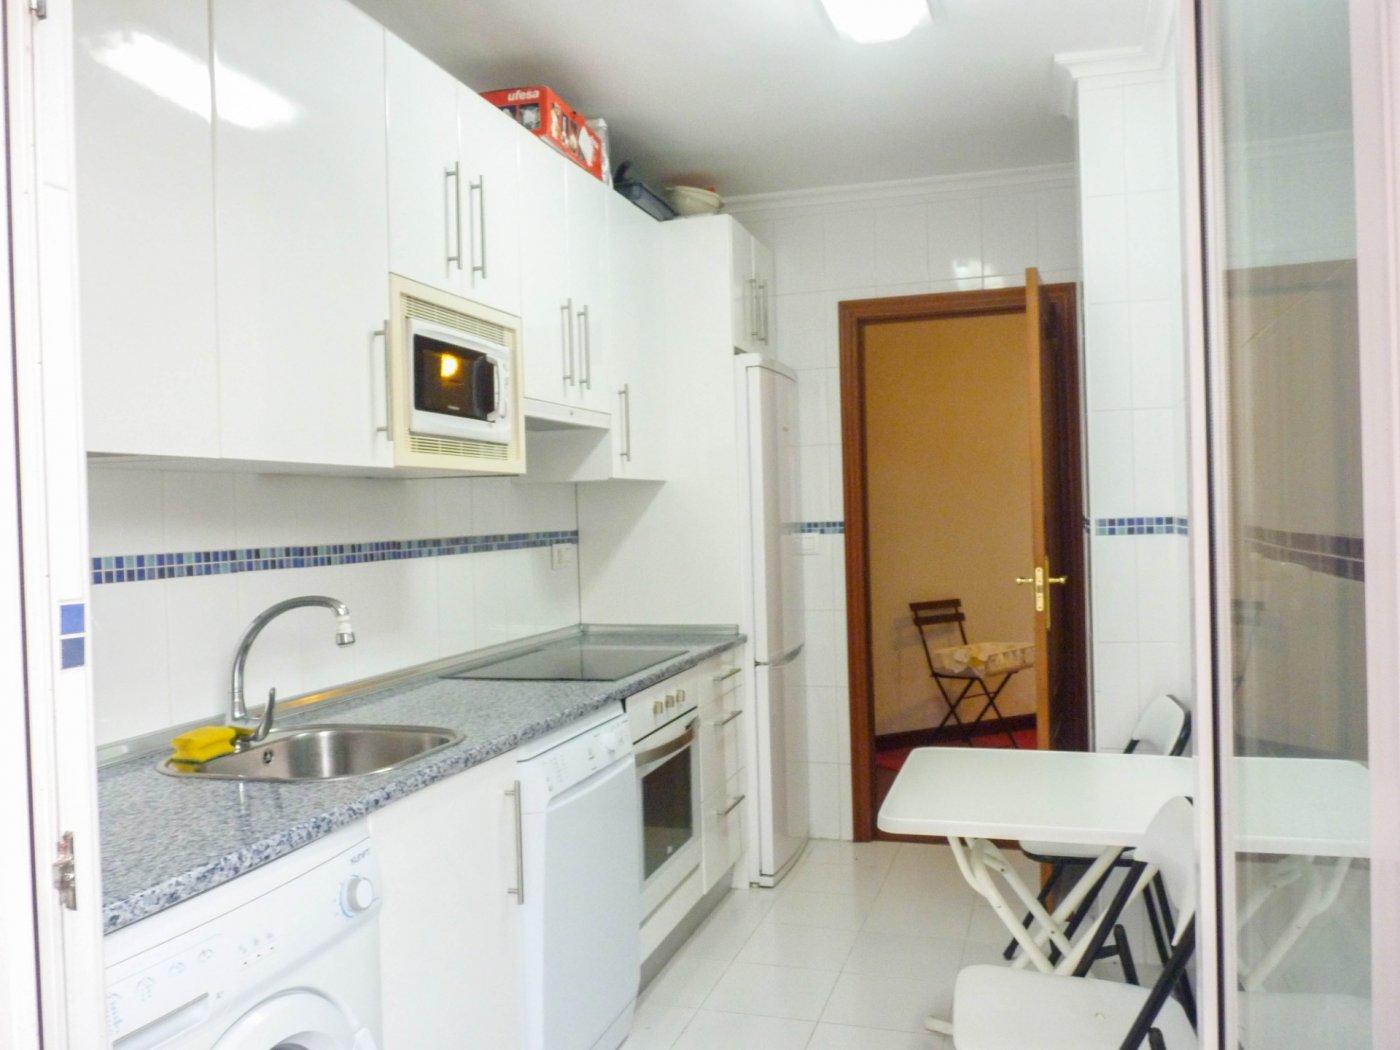 Piso en venta en Ampuero  de 2 Habitaciones, 2 Baños y 80 m2 por 75.000 €.